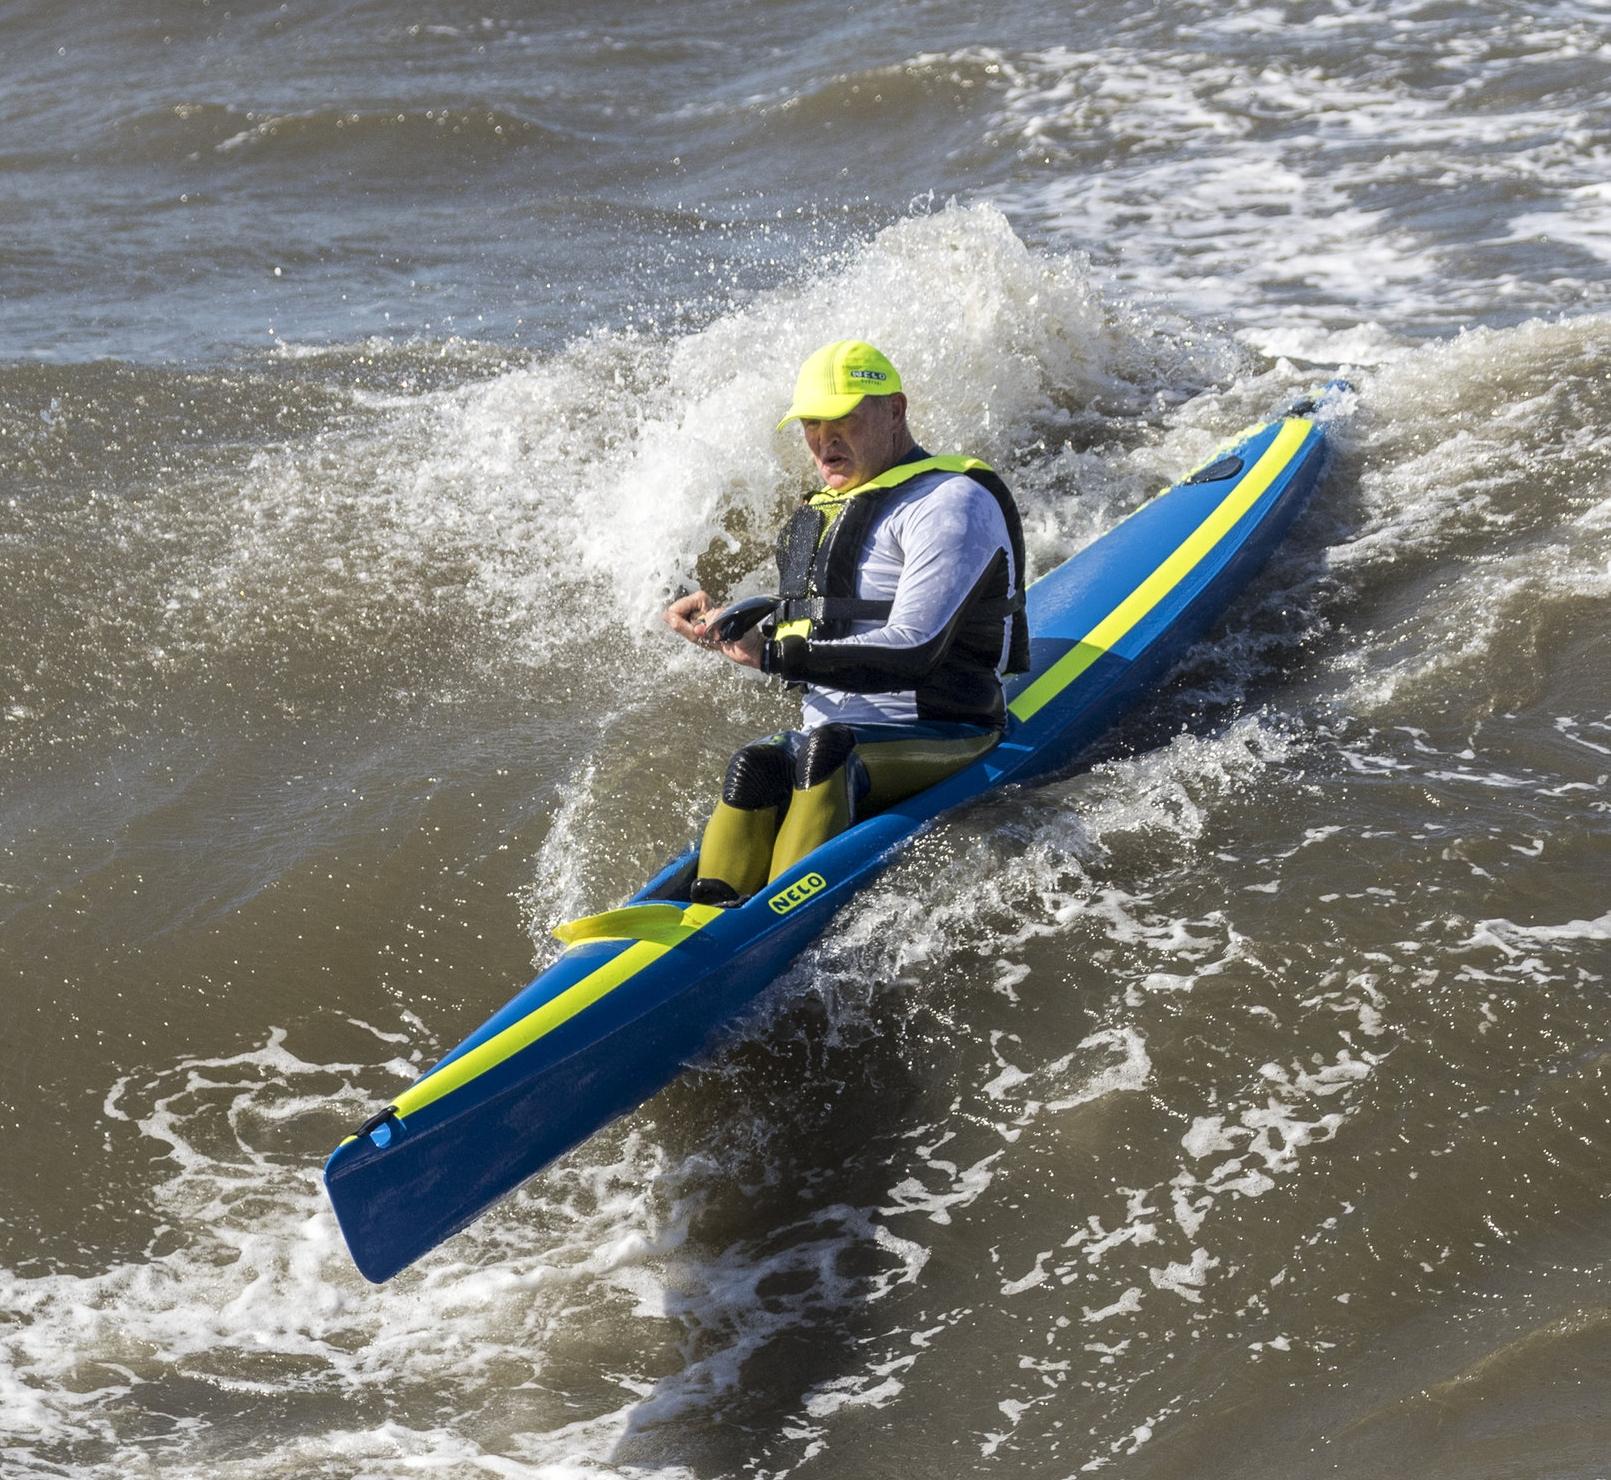 Nelo 520 Surfski — Keystone